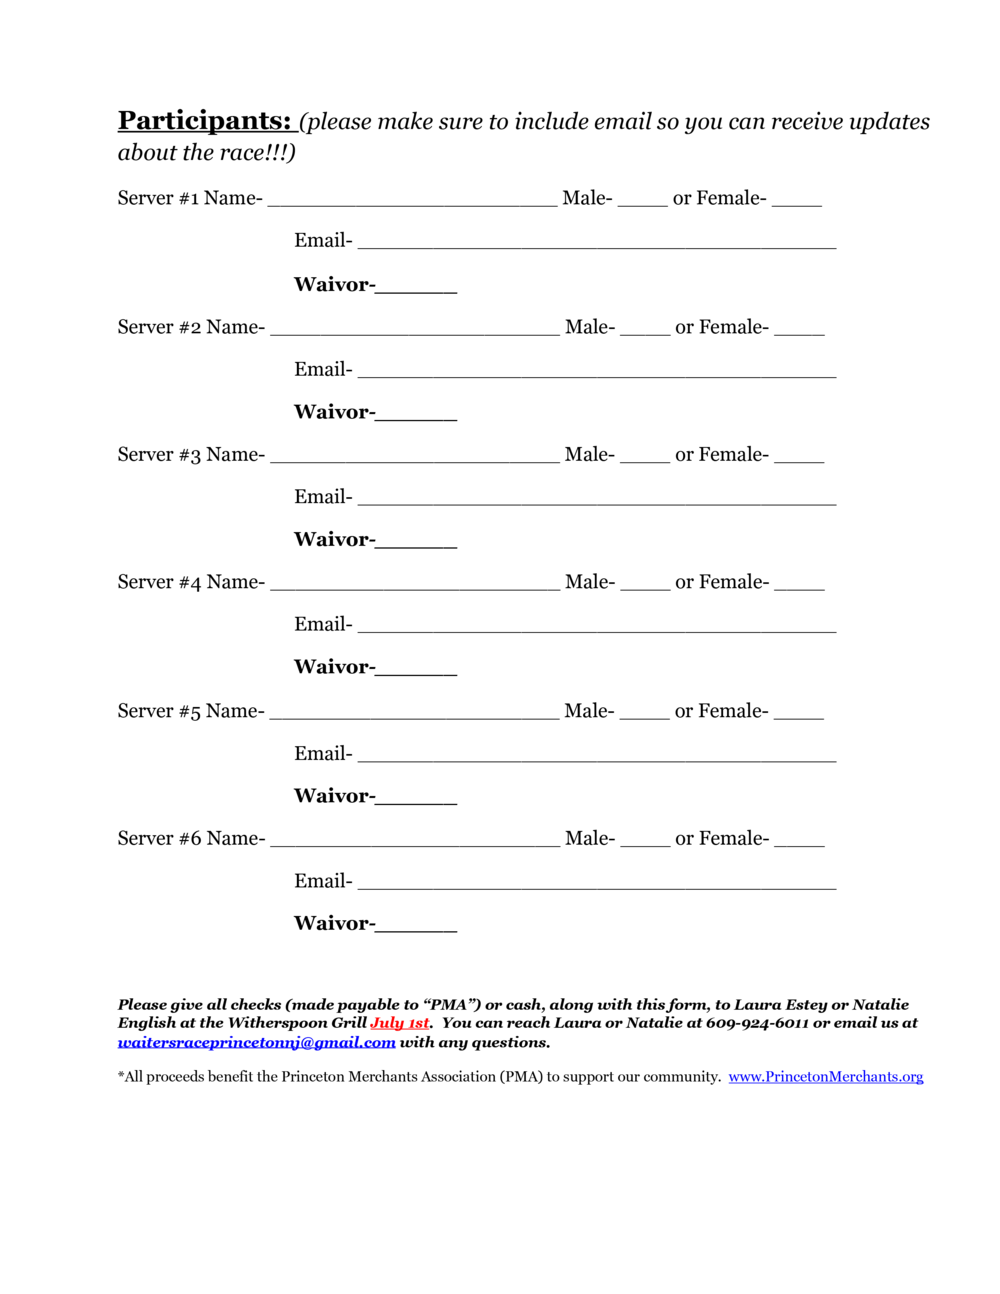 Racer Registration Form, page 2